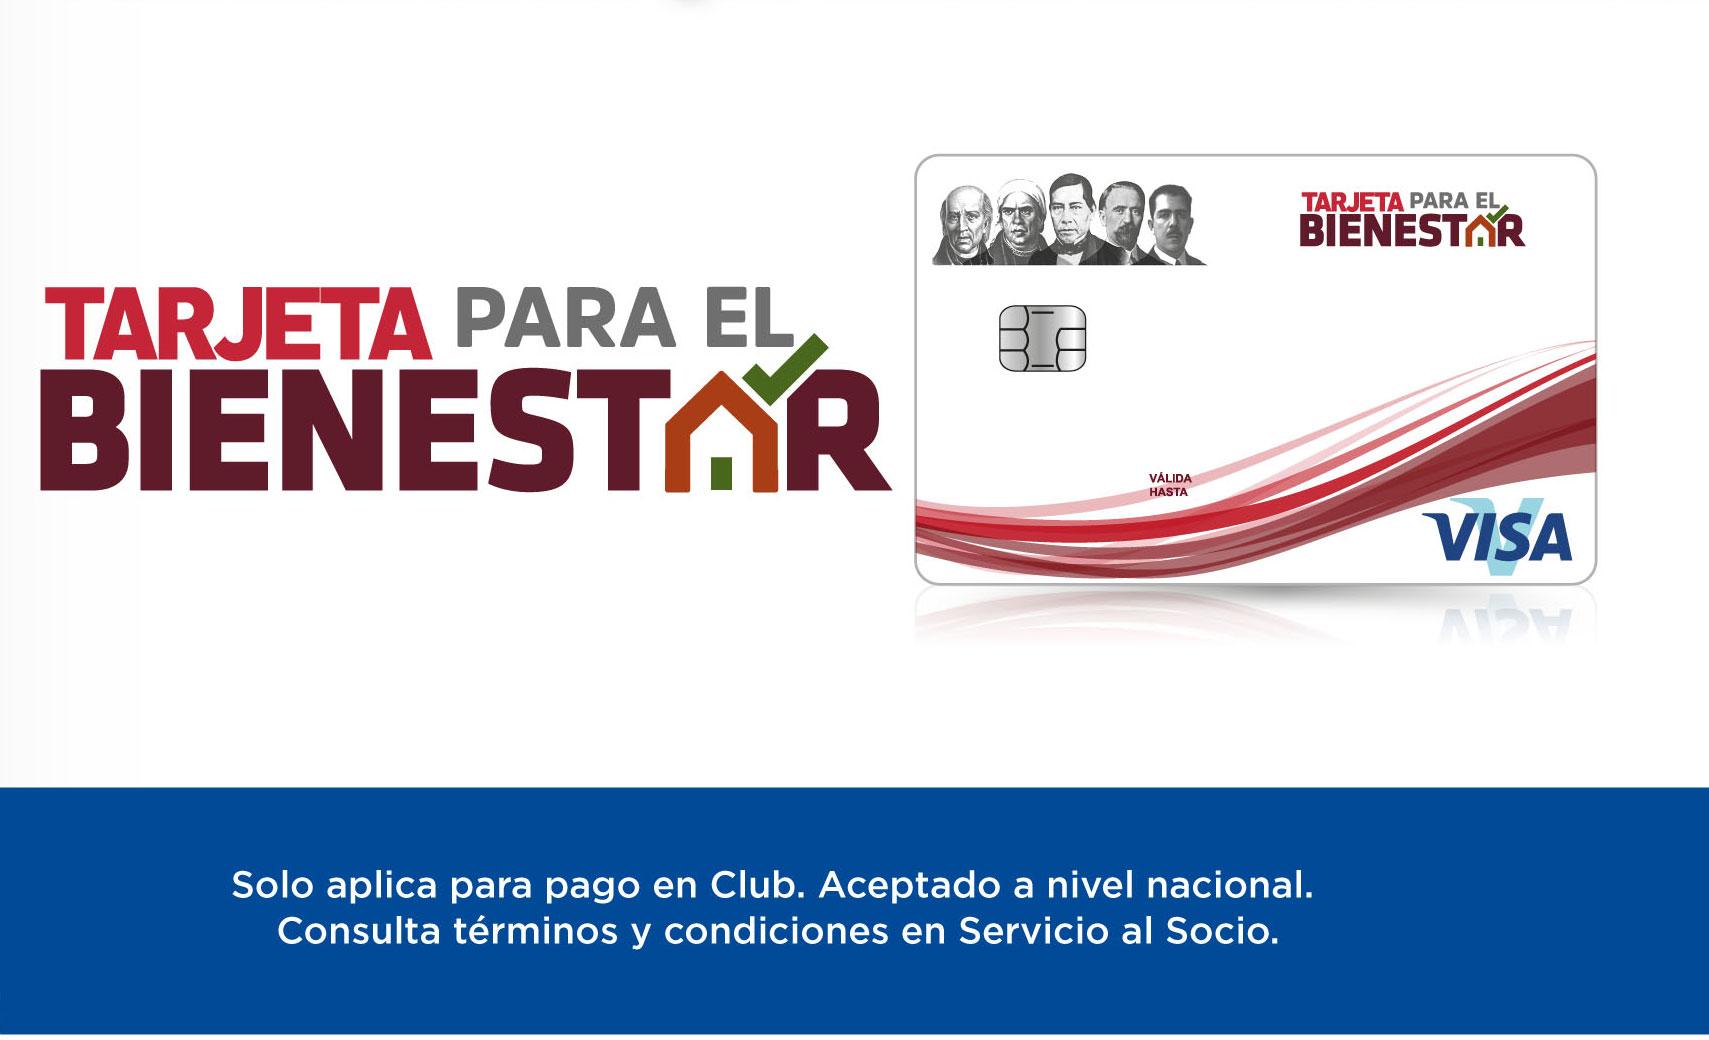 Tarjeta para el bienestar - Solo aplica para pago en Club. Aceptado a nivel nacional.  Consulta términos y condiciones en Servicio al Socio.